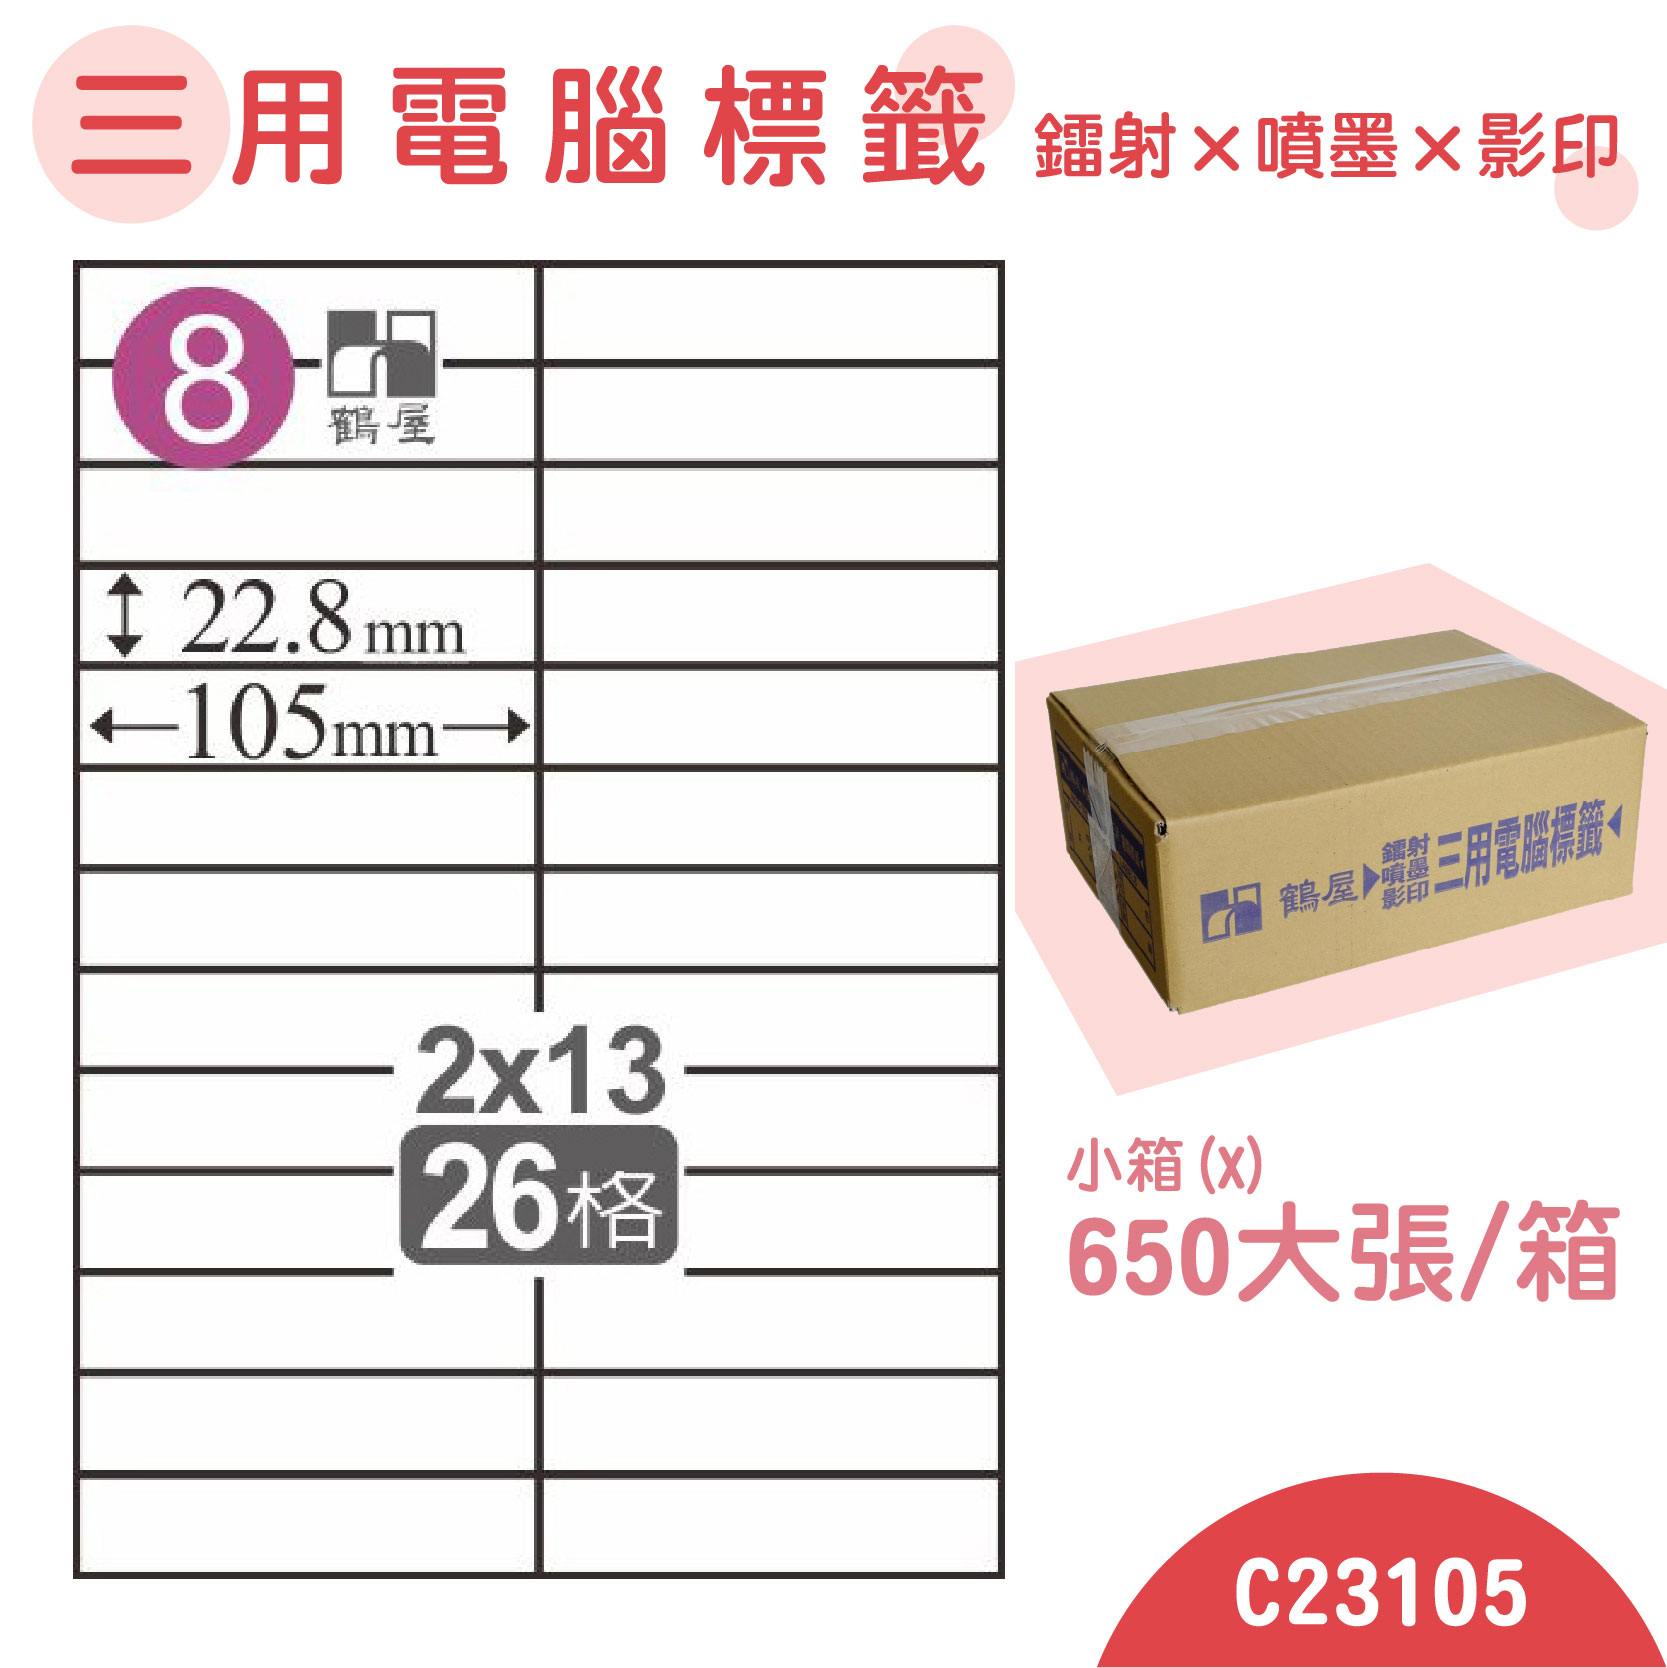 電腦標籤紙(鶴屋) 白色 C23105 26格 650大張/小箱 影印 雷射 噴墨 三用 標籤 貼紙 信封 光碟標籤